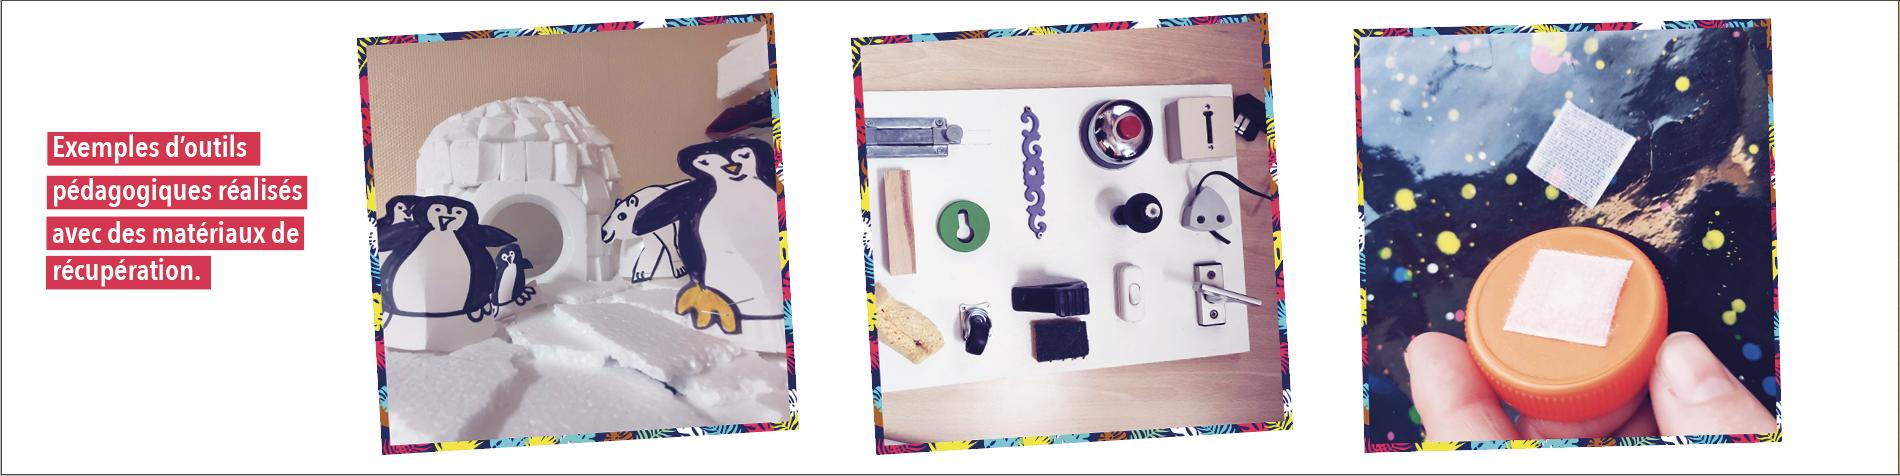 Exemples d'outils pédagogiques réalisés avec des matériaux de récupération